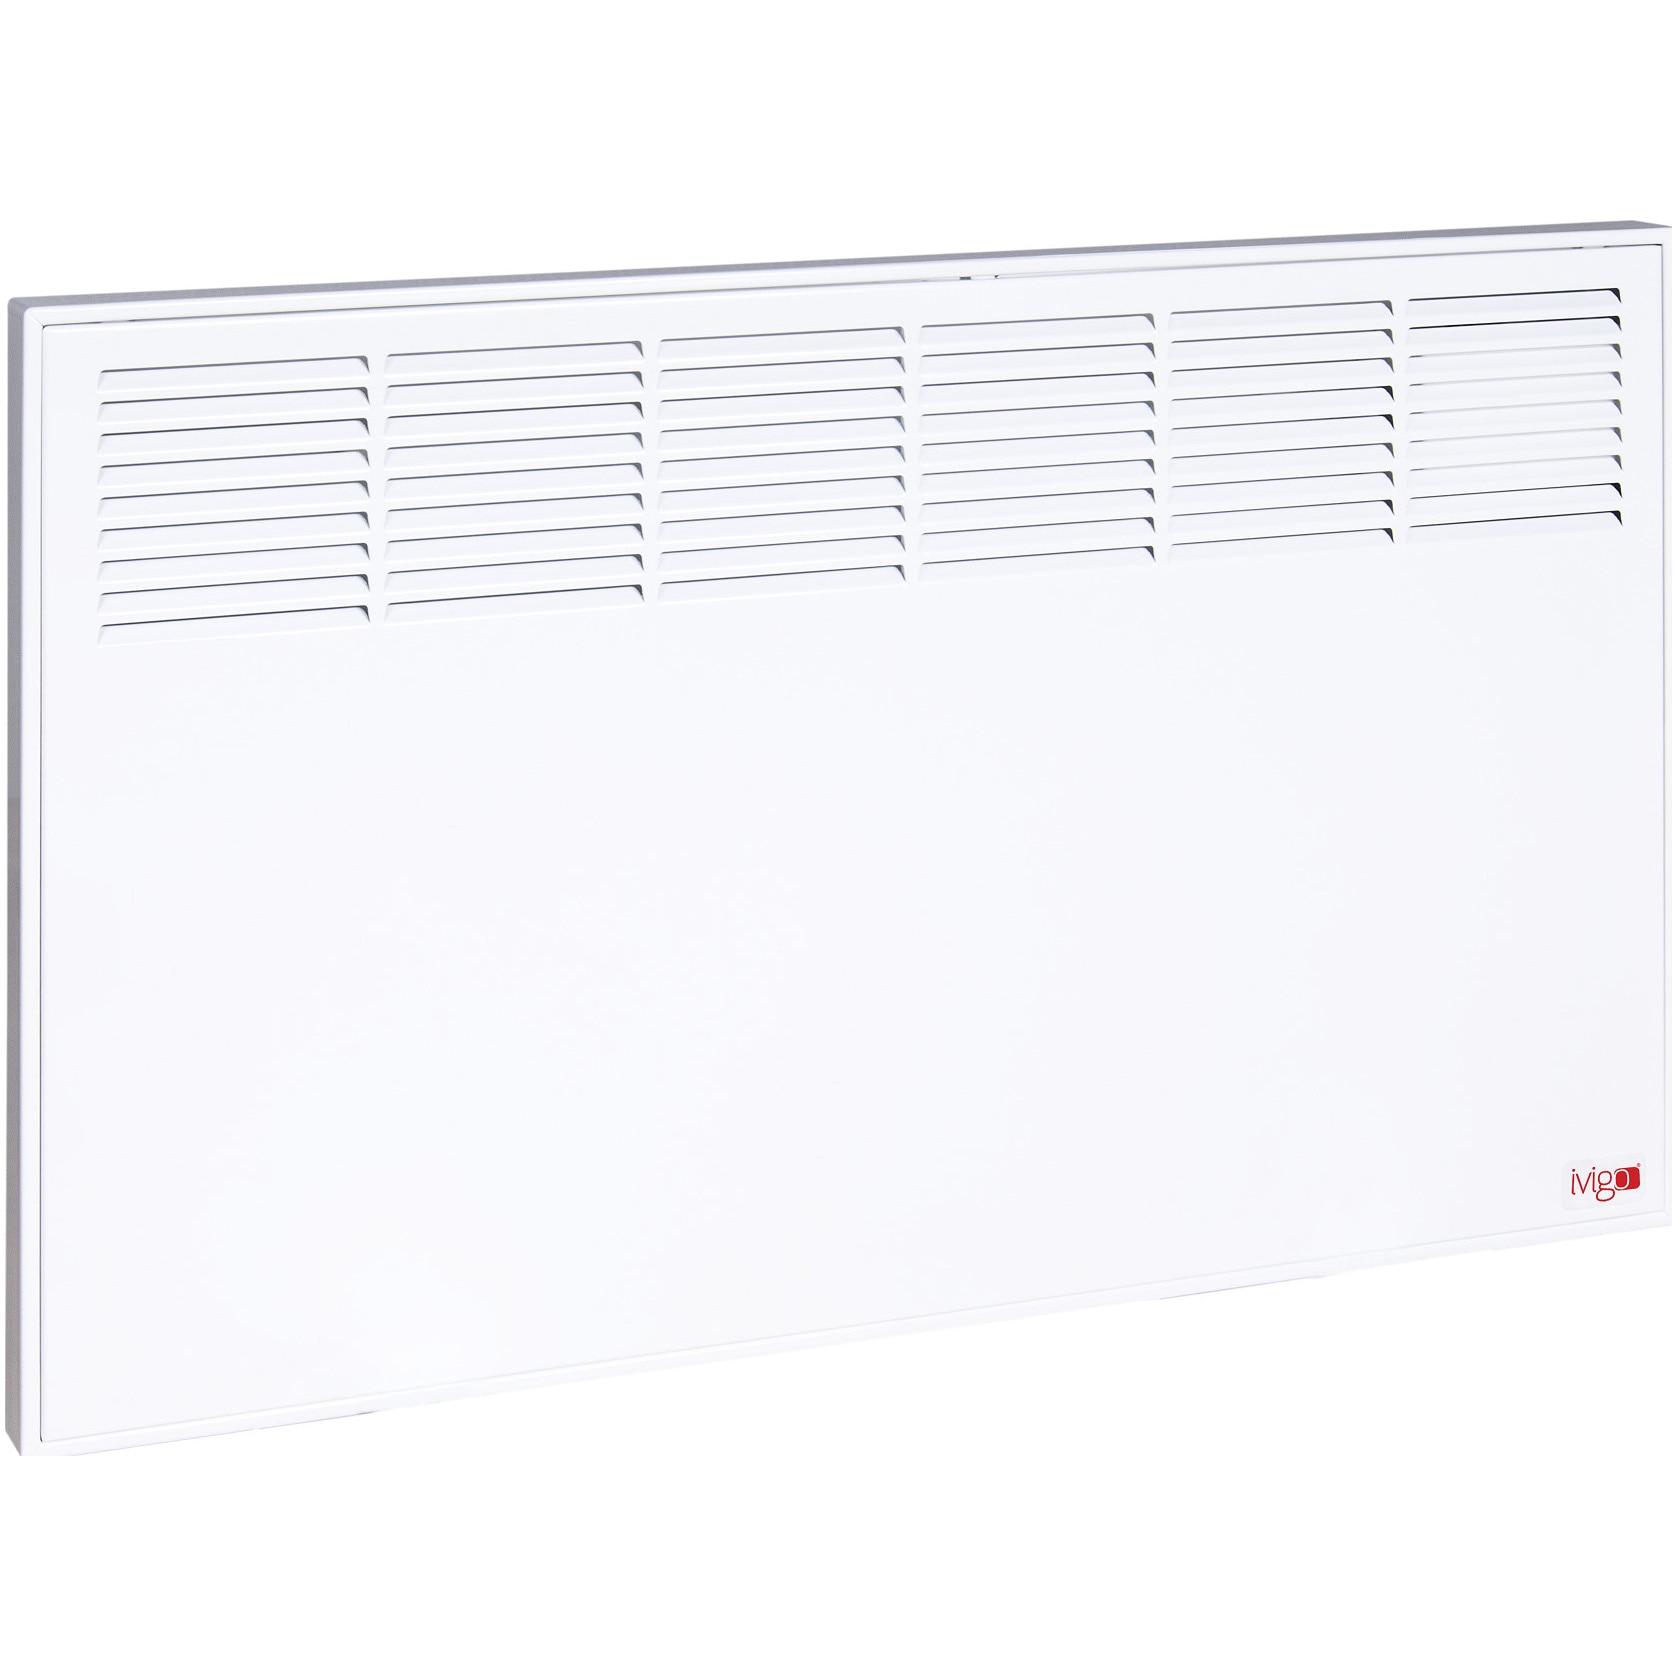 Fotografie Convector iVigo Manual EPK 1000 W White, control mecanic, Termostat de siguranta, termostat reglabil, IP 24, pentru 12 mp, ERP 2018